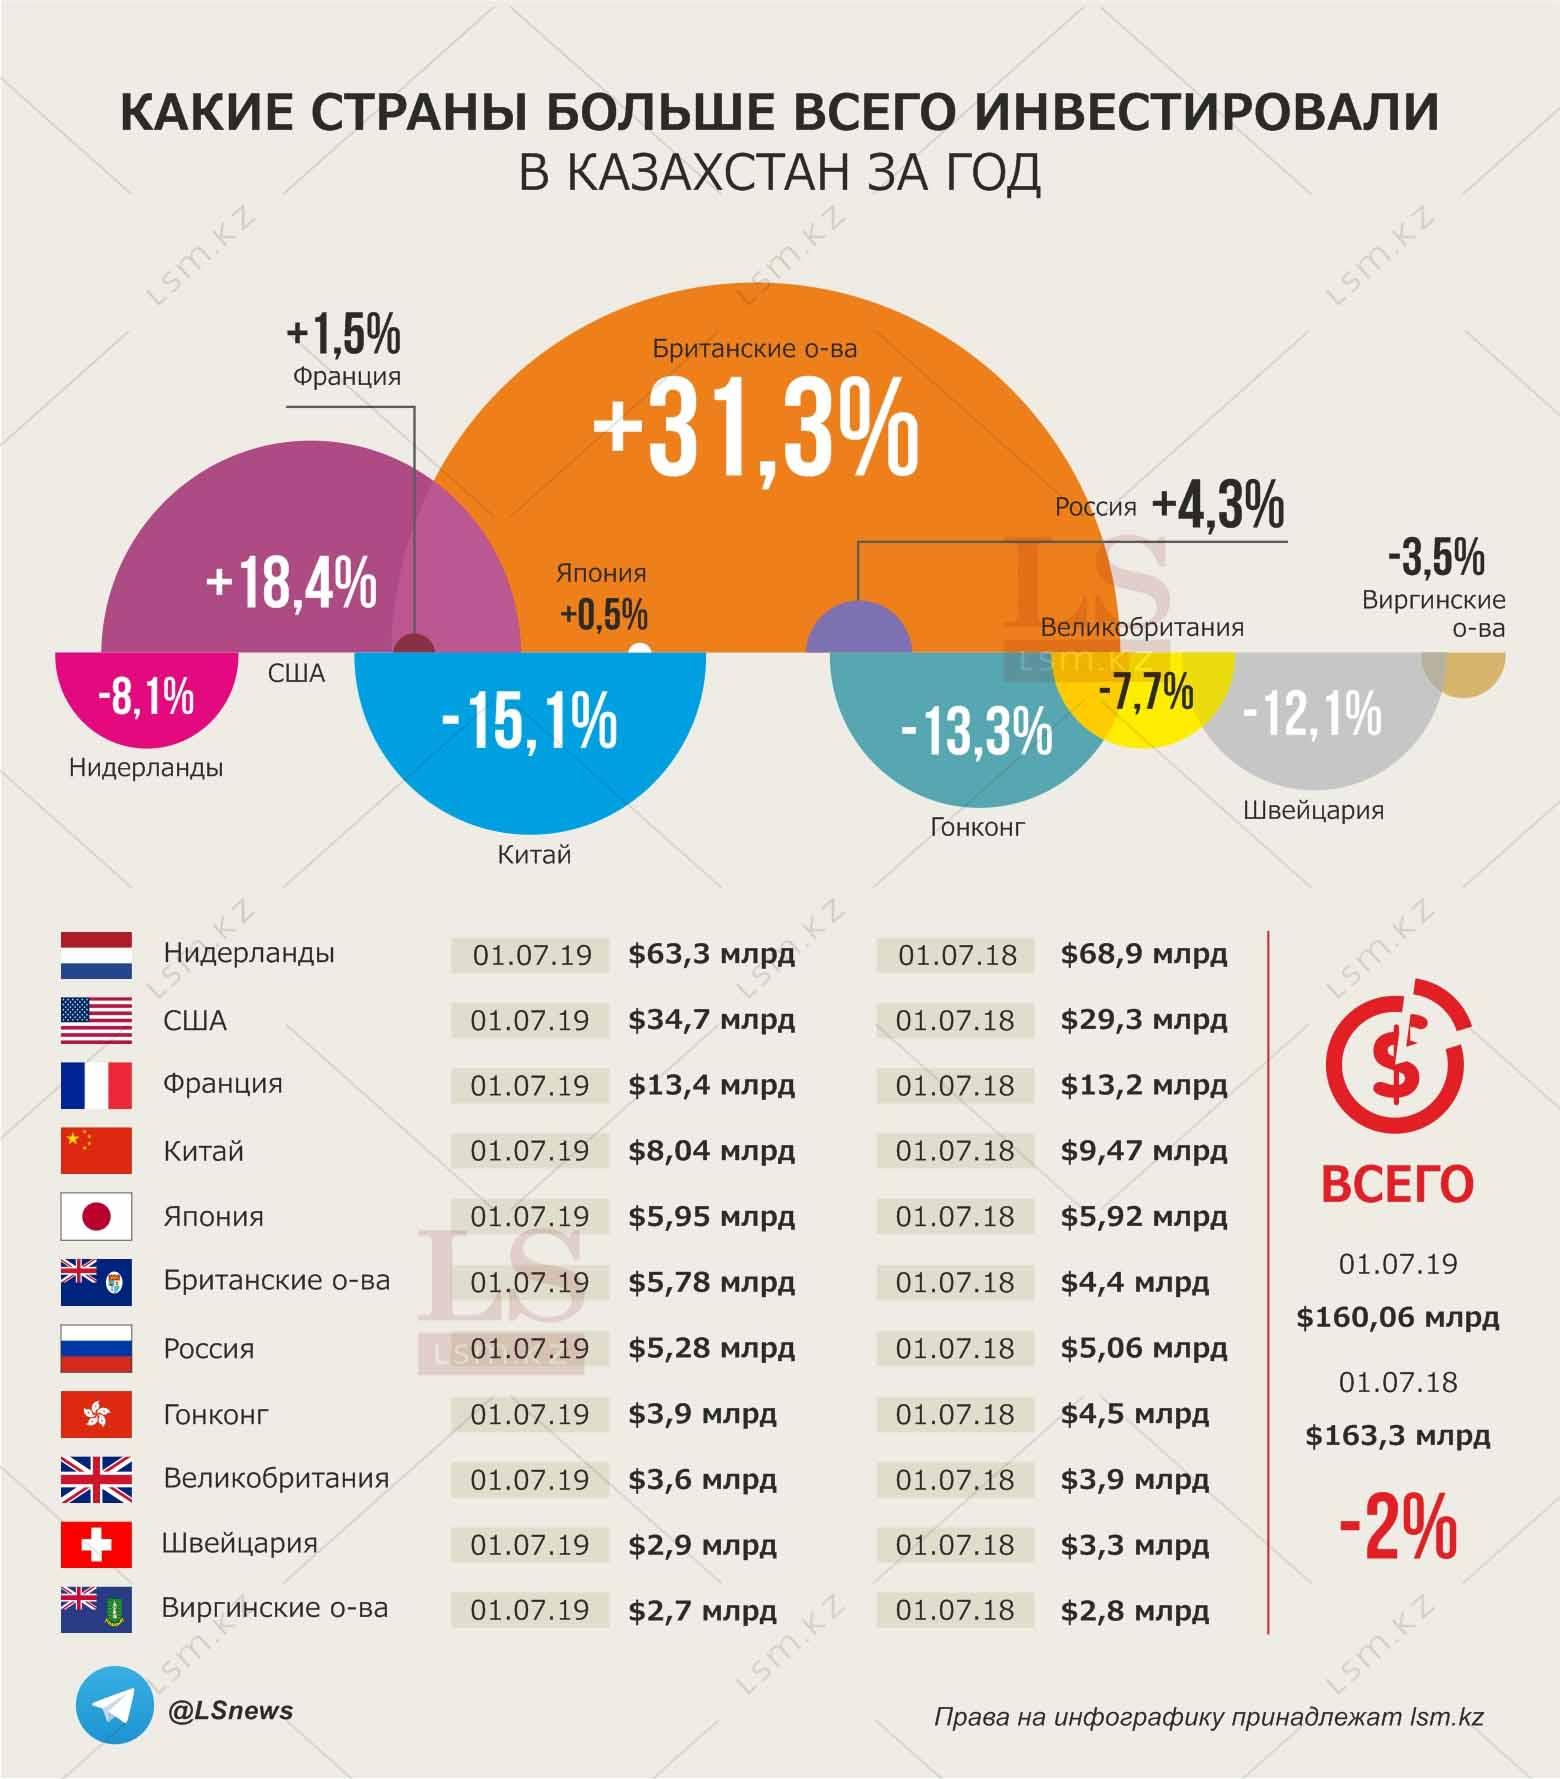 какое место занимает казахстан по зарплате